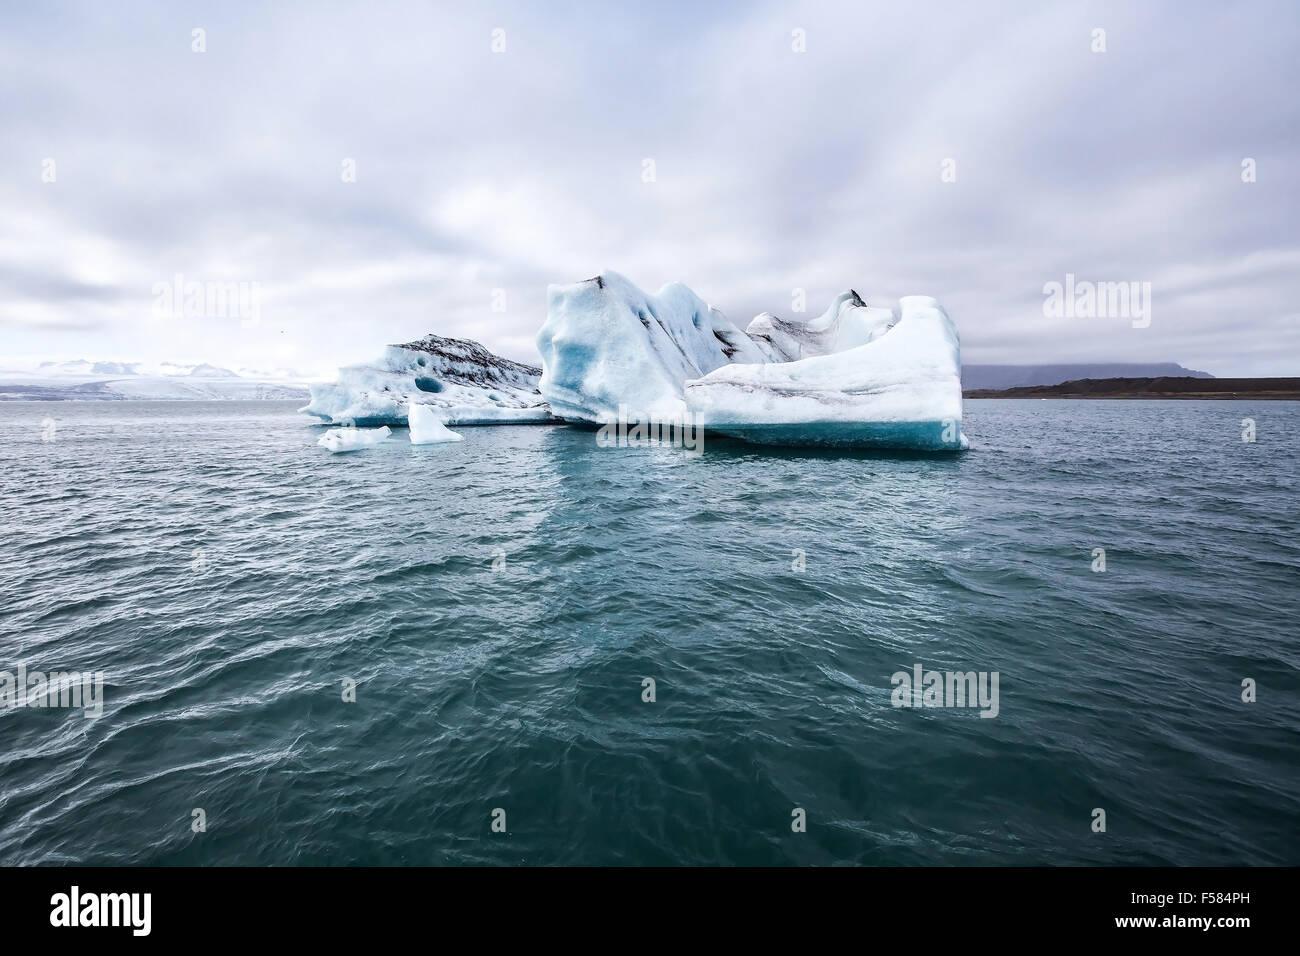 melting iceberg, global warming background - Stock Image